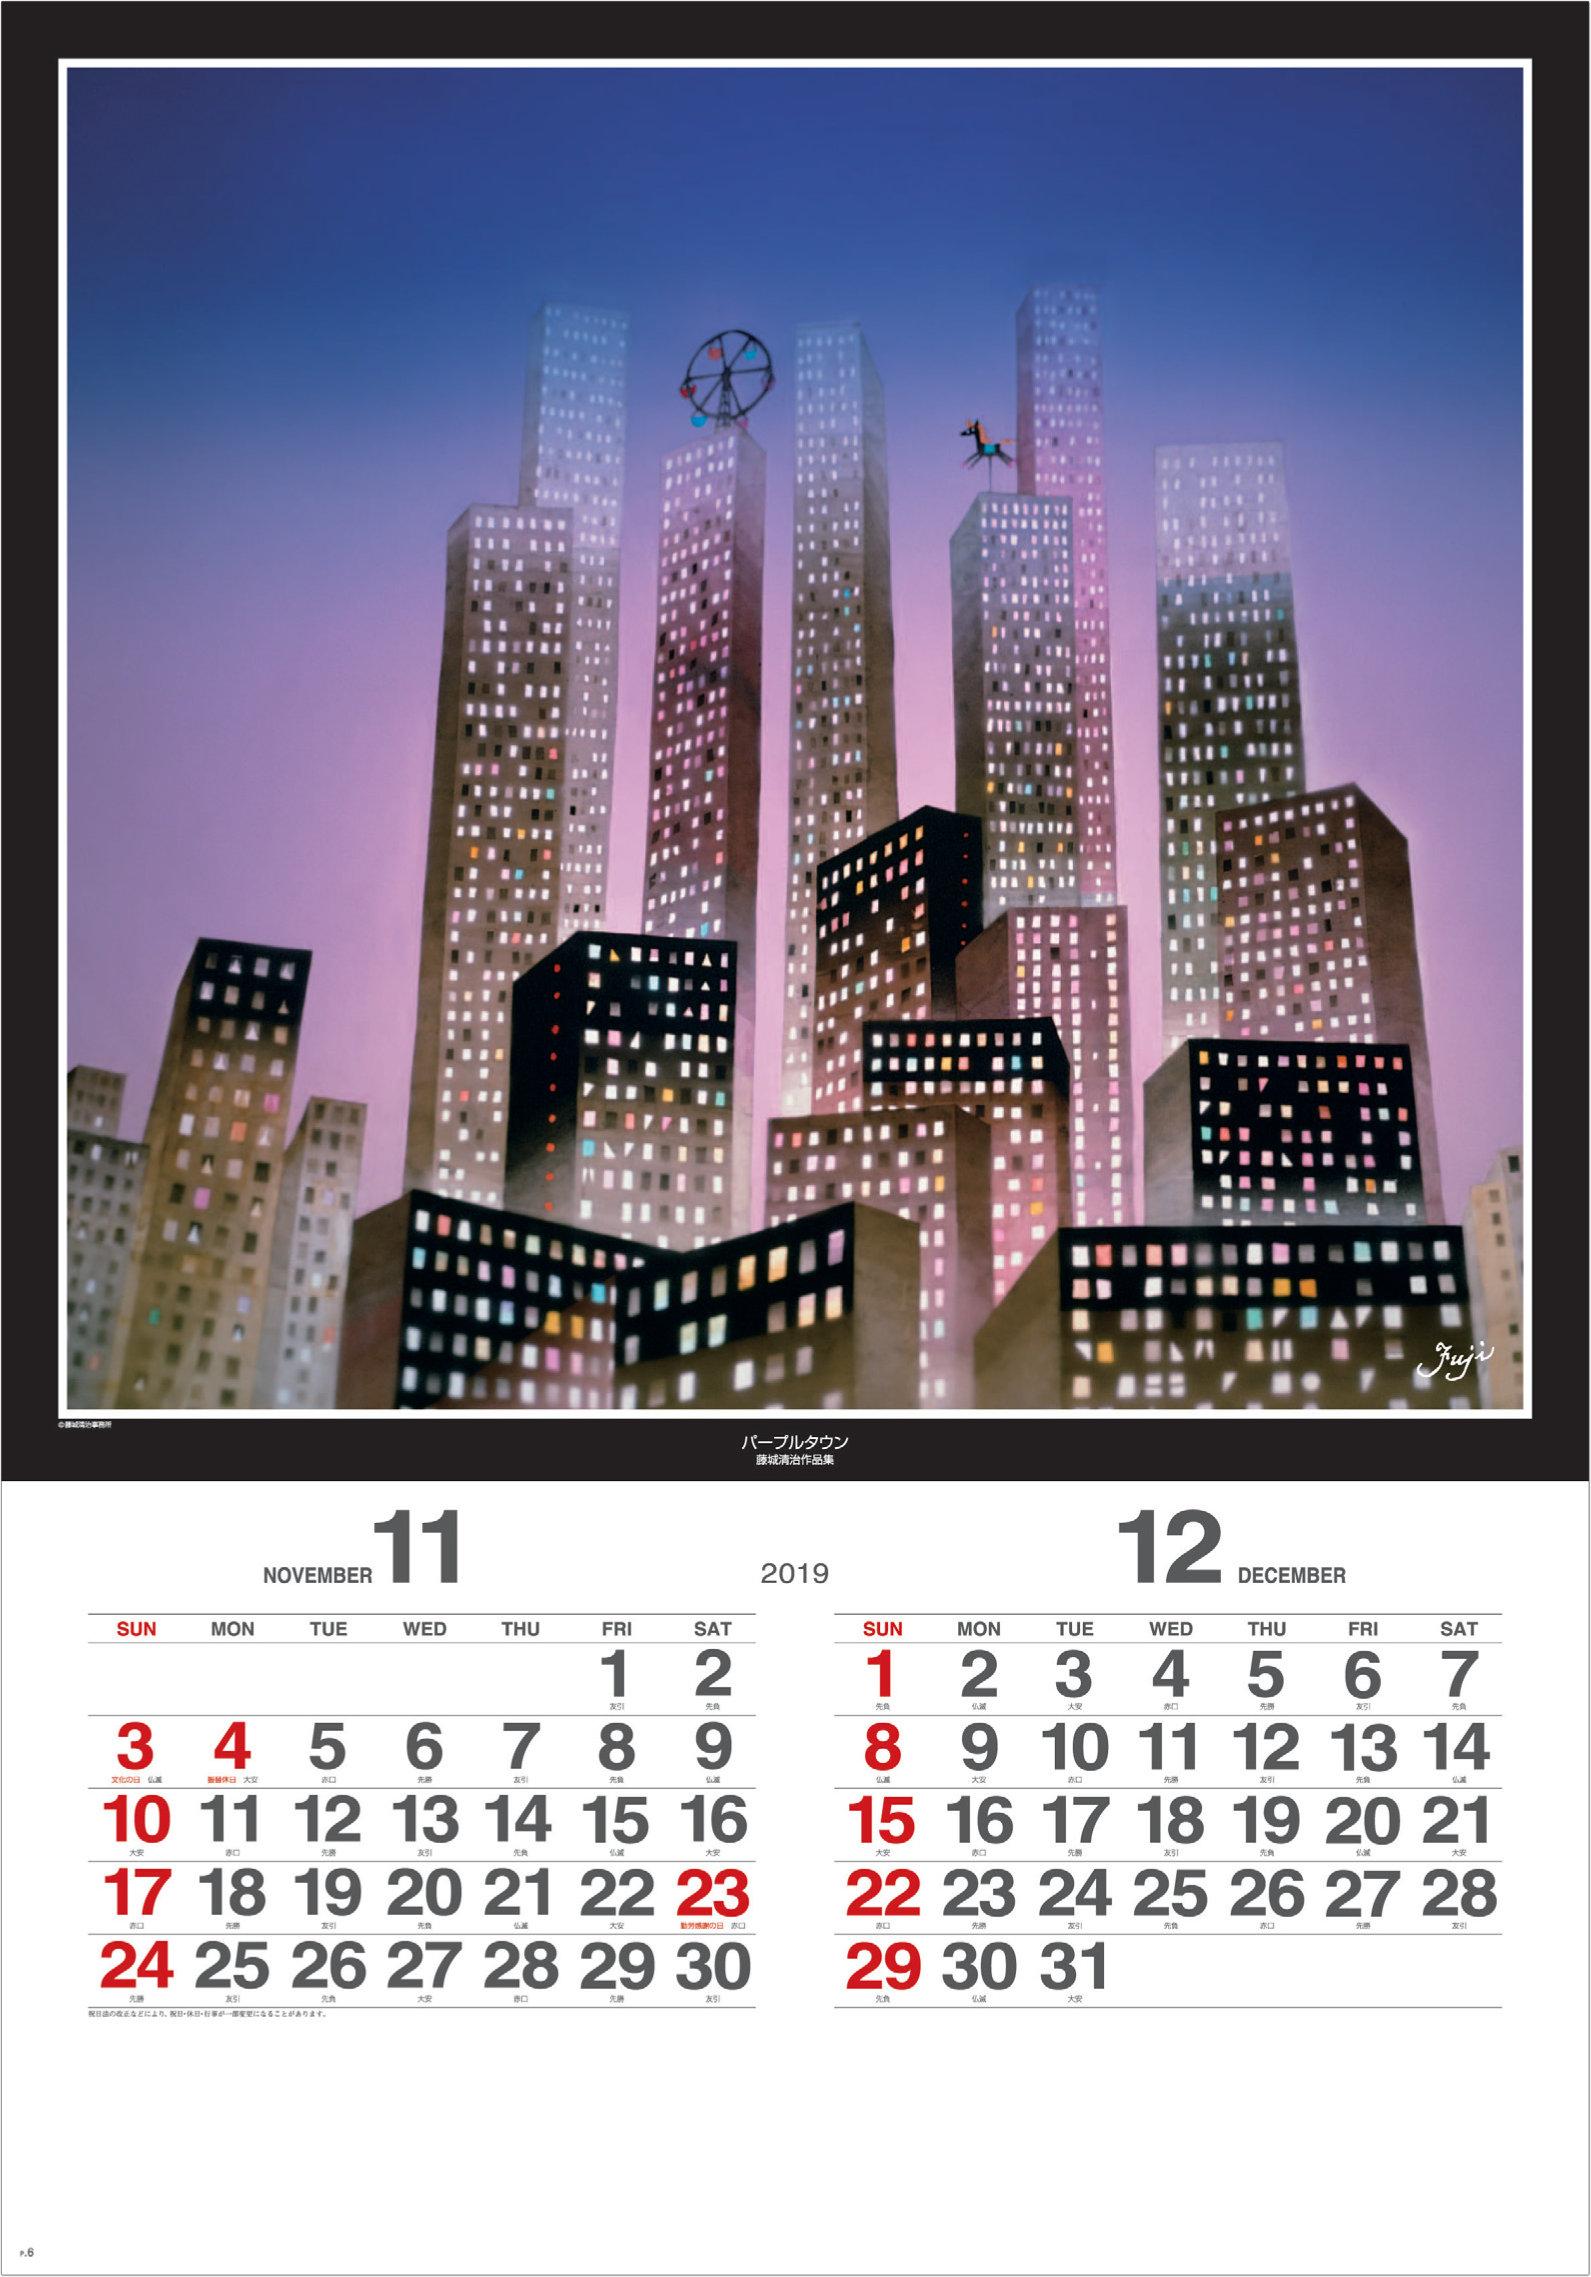 画像:藤城清治 作品「パープルタウン」 遠い日の風景から(影絵)  藤城清治 (フィルムカレンダー) 2019年カレンダー